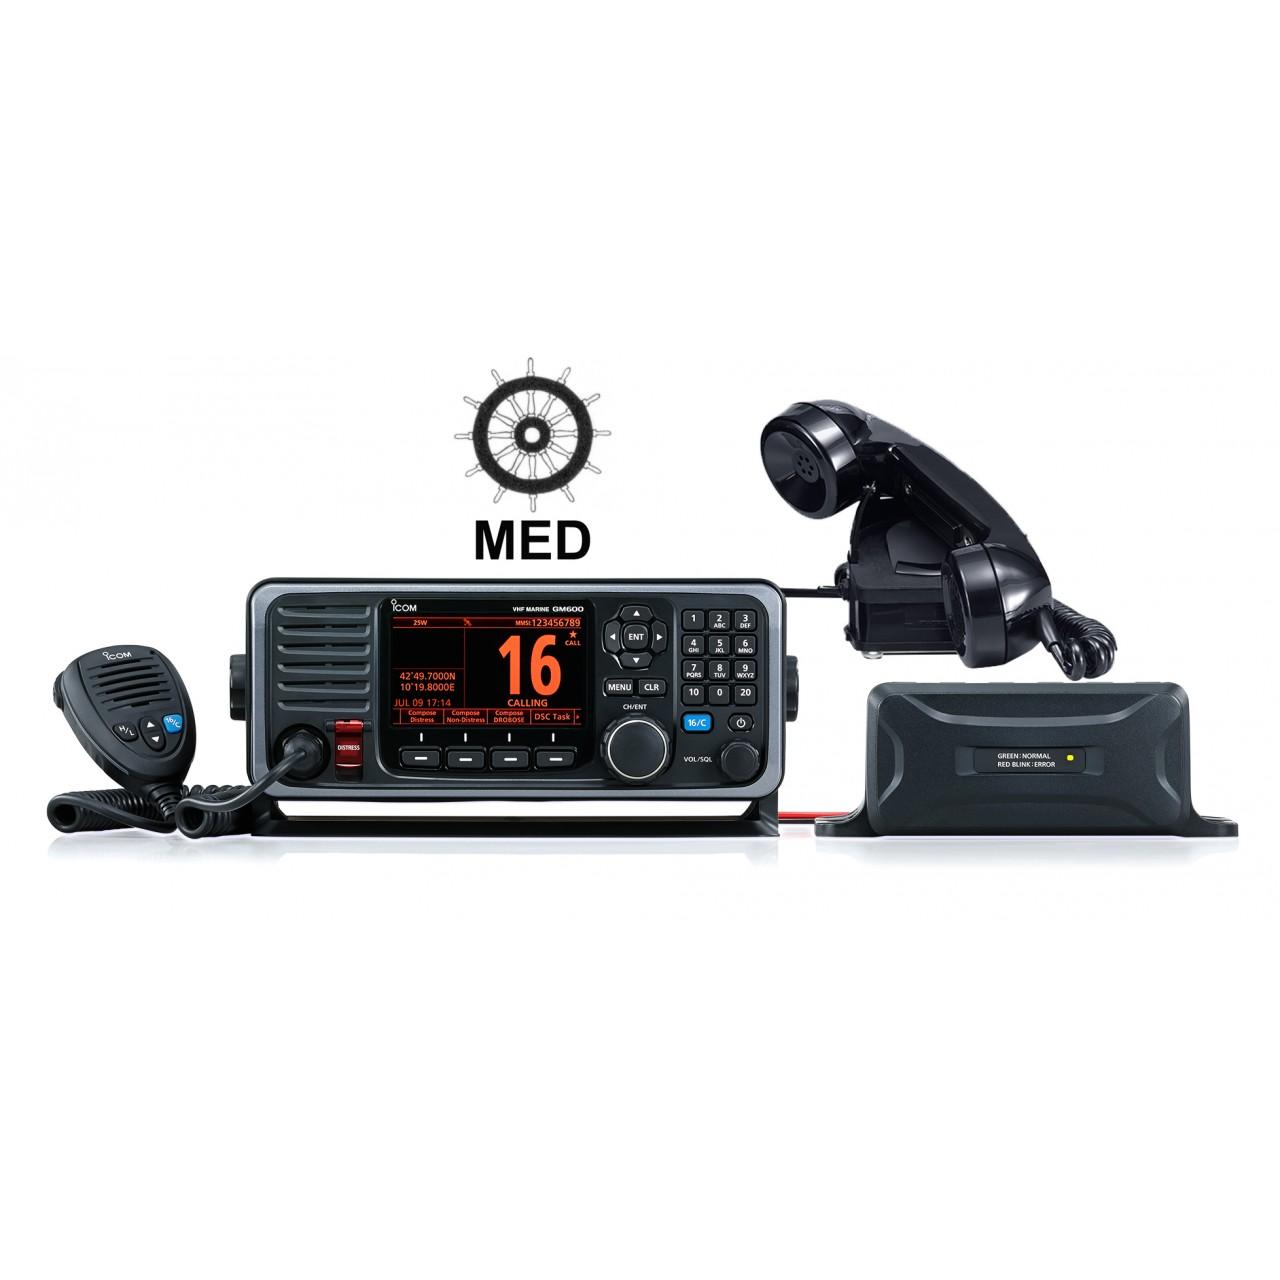 PACK-GM600 24V Fixes - ICOM